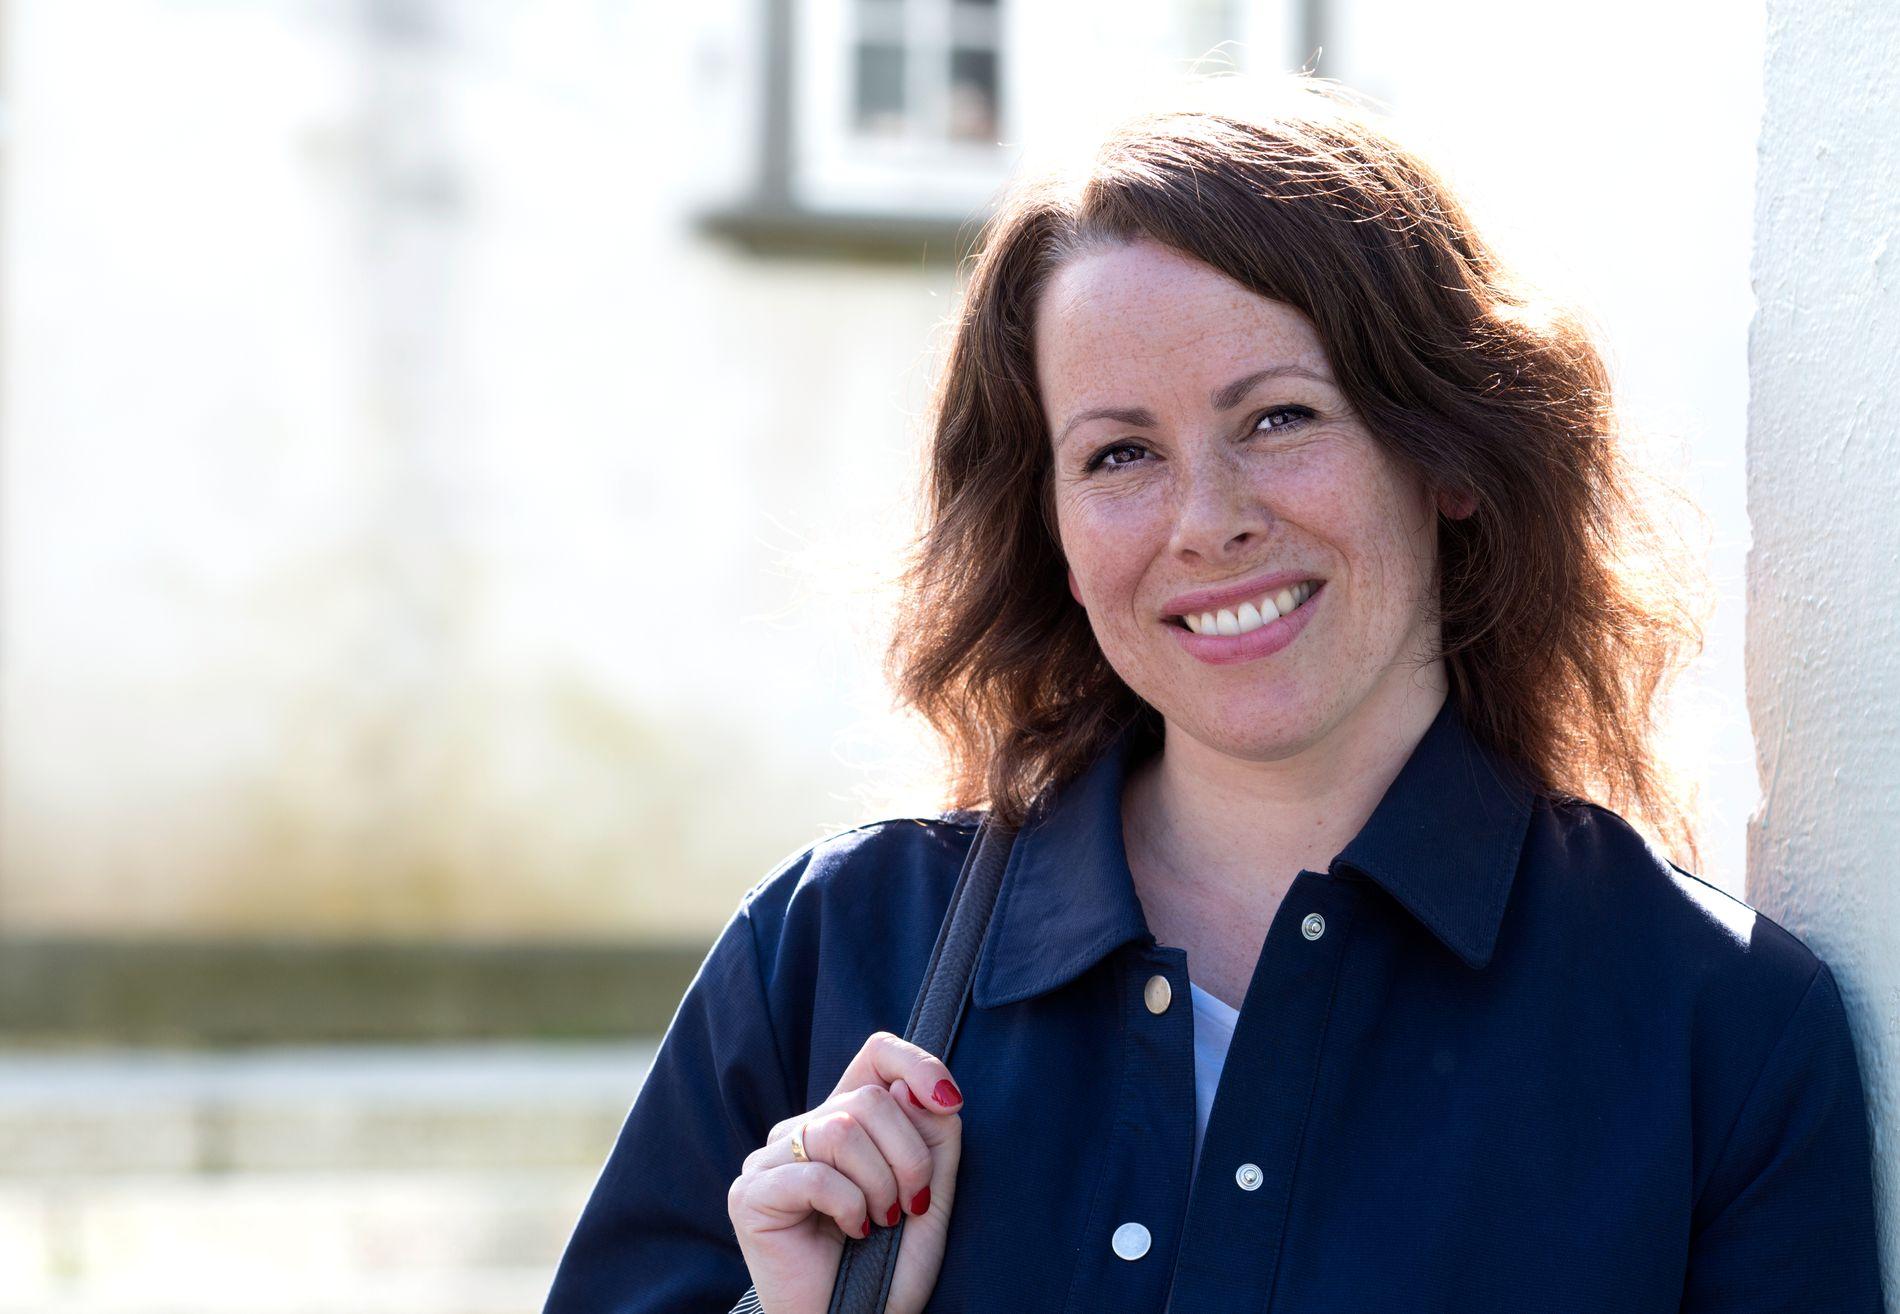 FORFATTERFEST: Bergensforfatteren Gunnhild Øyehaug er blant dem som skal ilden under årets utgave av Forfattersleppet